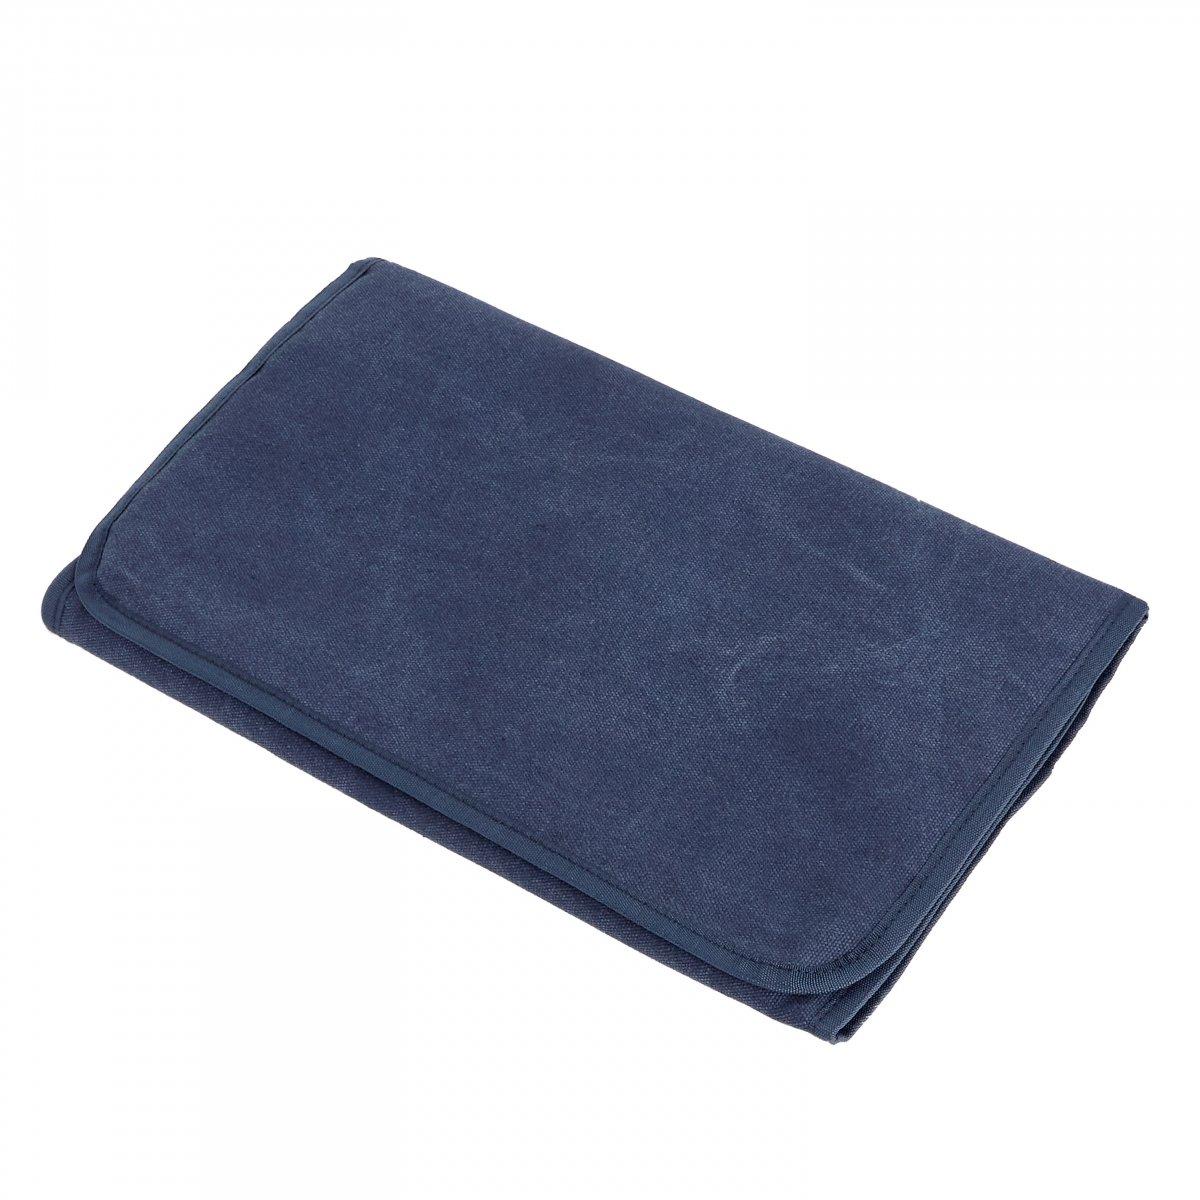 Sac à langer et tapis bébé mixte Les Etoiles tapis